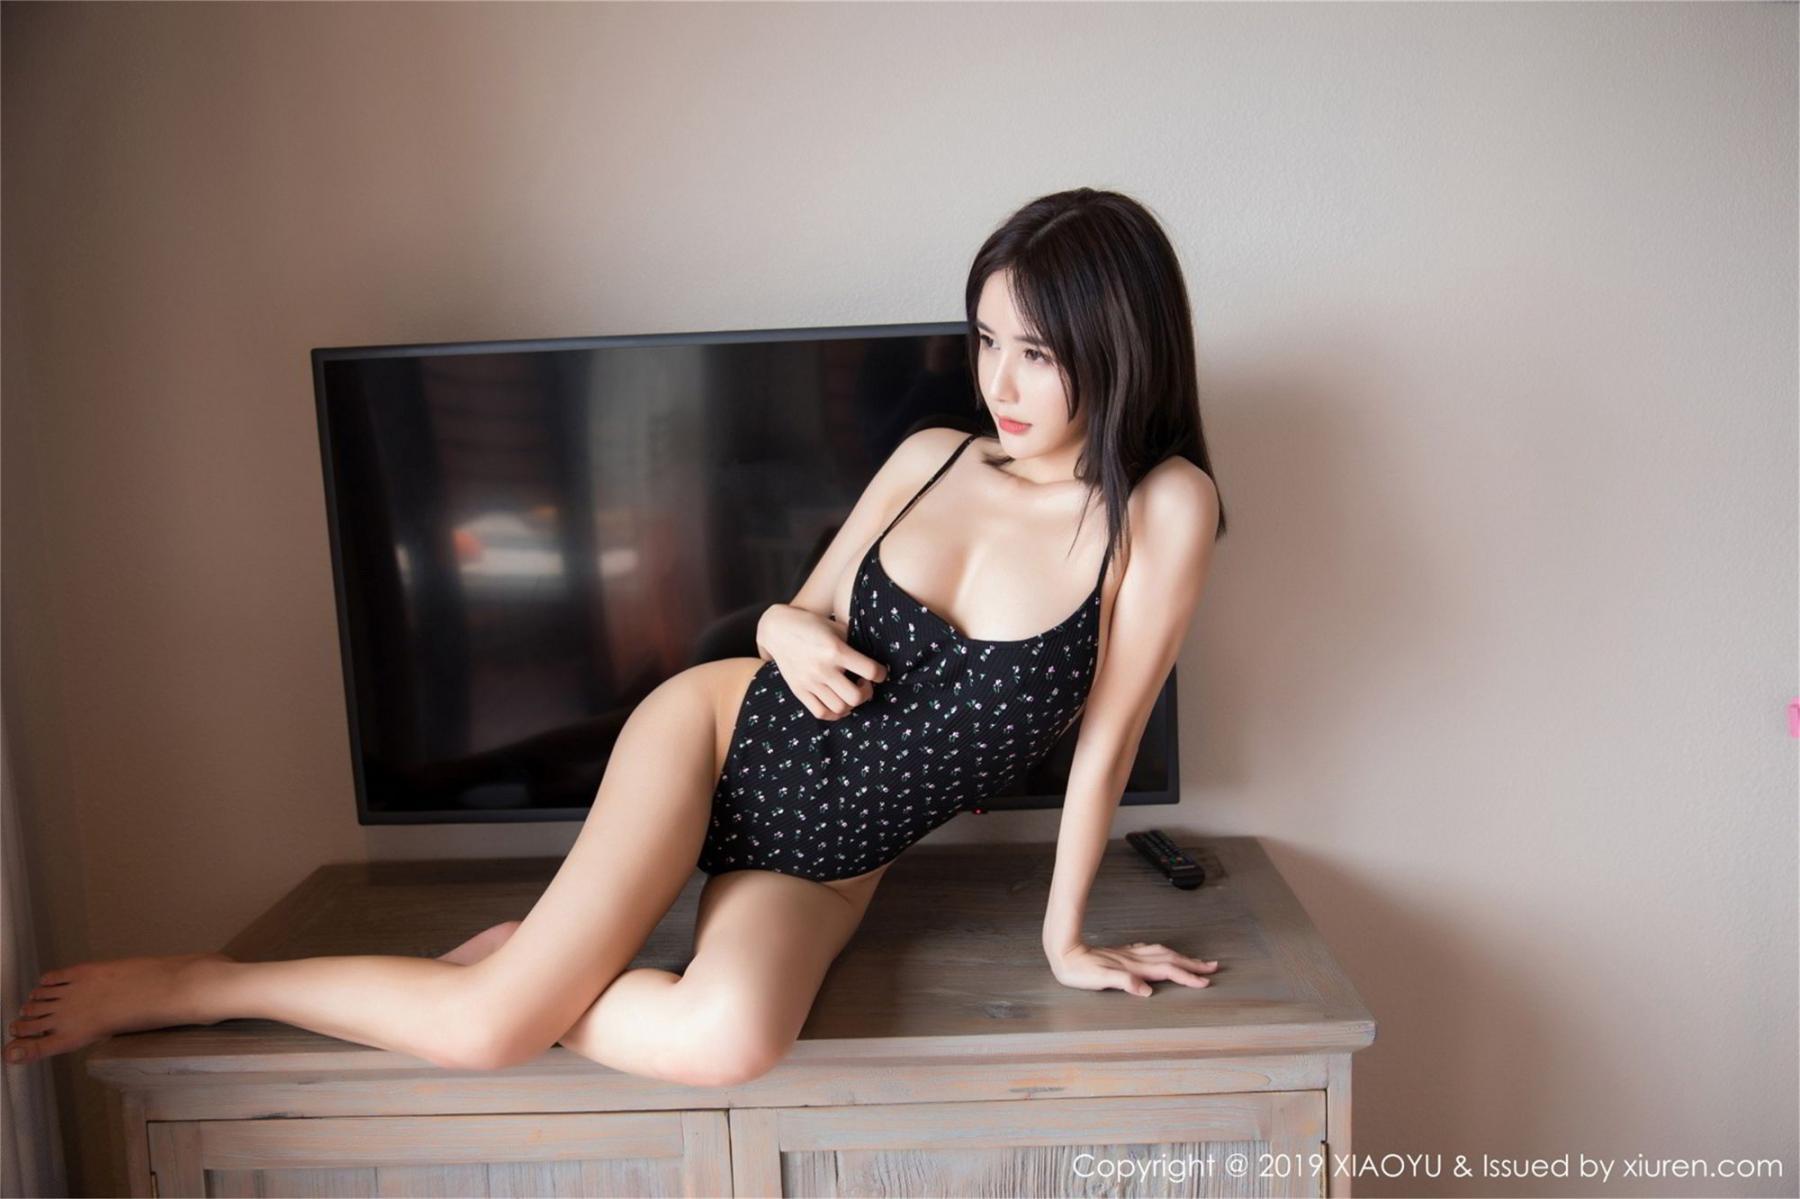 [XiaoYu] Vol.069 Xiao Mo Lin 48P, Lin Lin Ailin, Sexy, XiaoYu